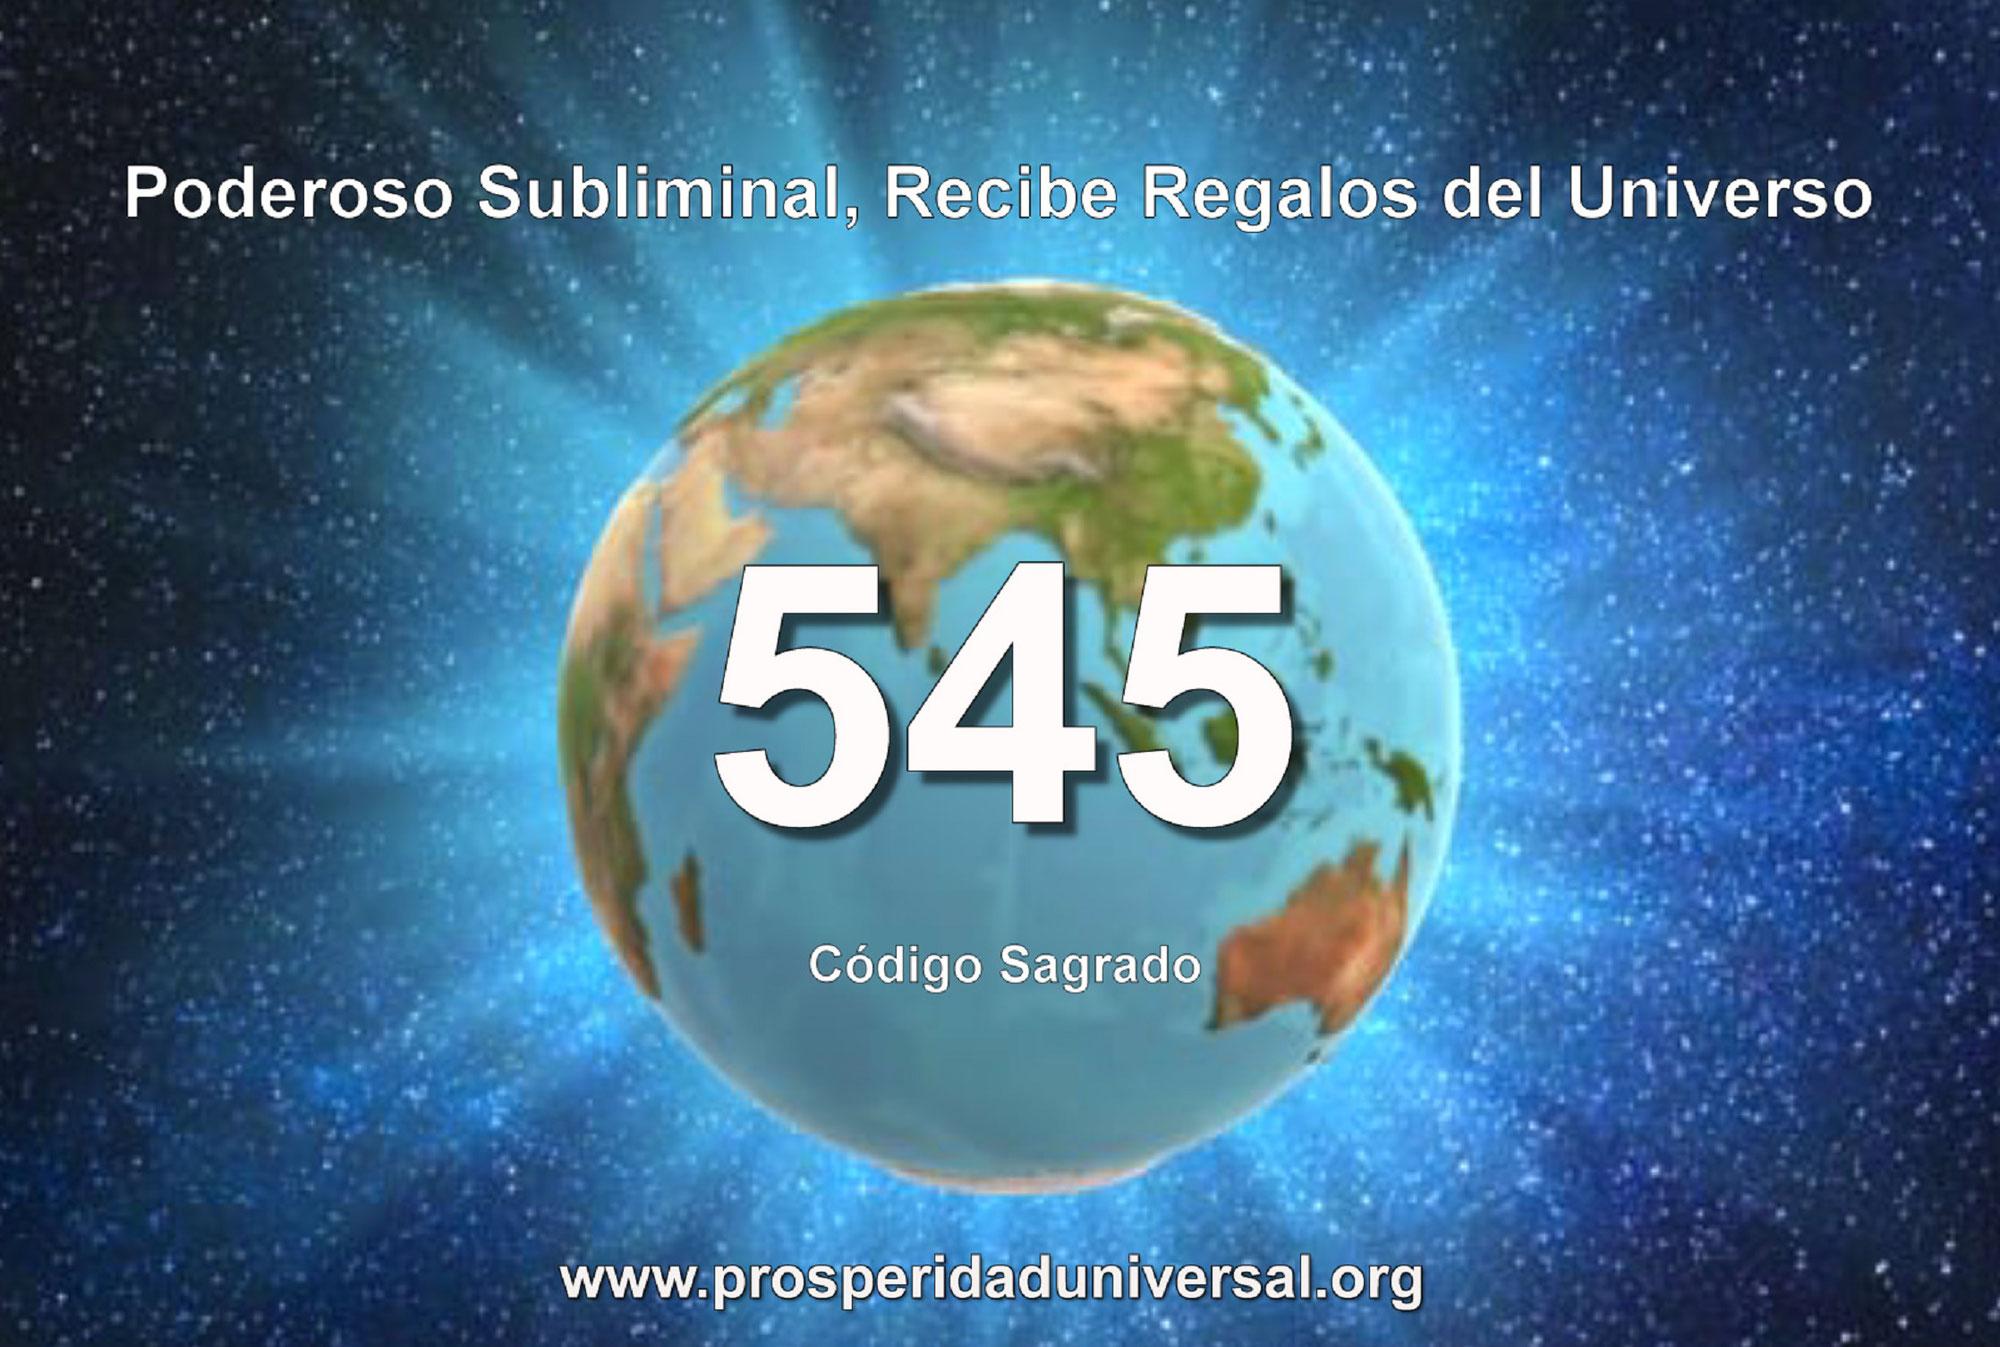 PODEROSO SUBLIMINAL RECIBE REGALOS DEL UNIVERSO